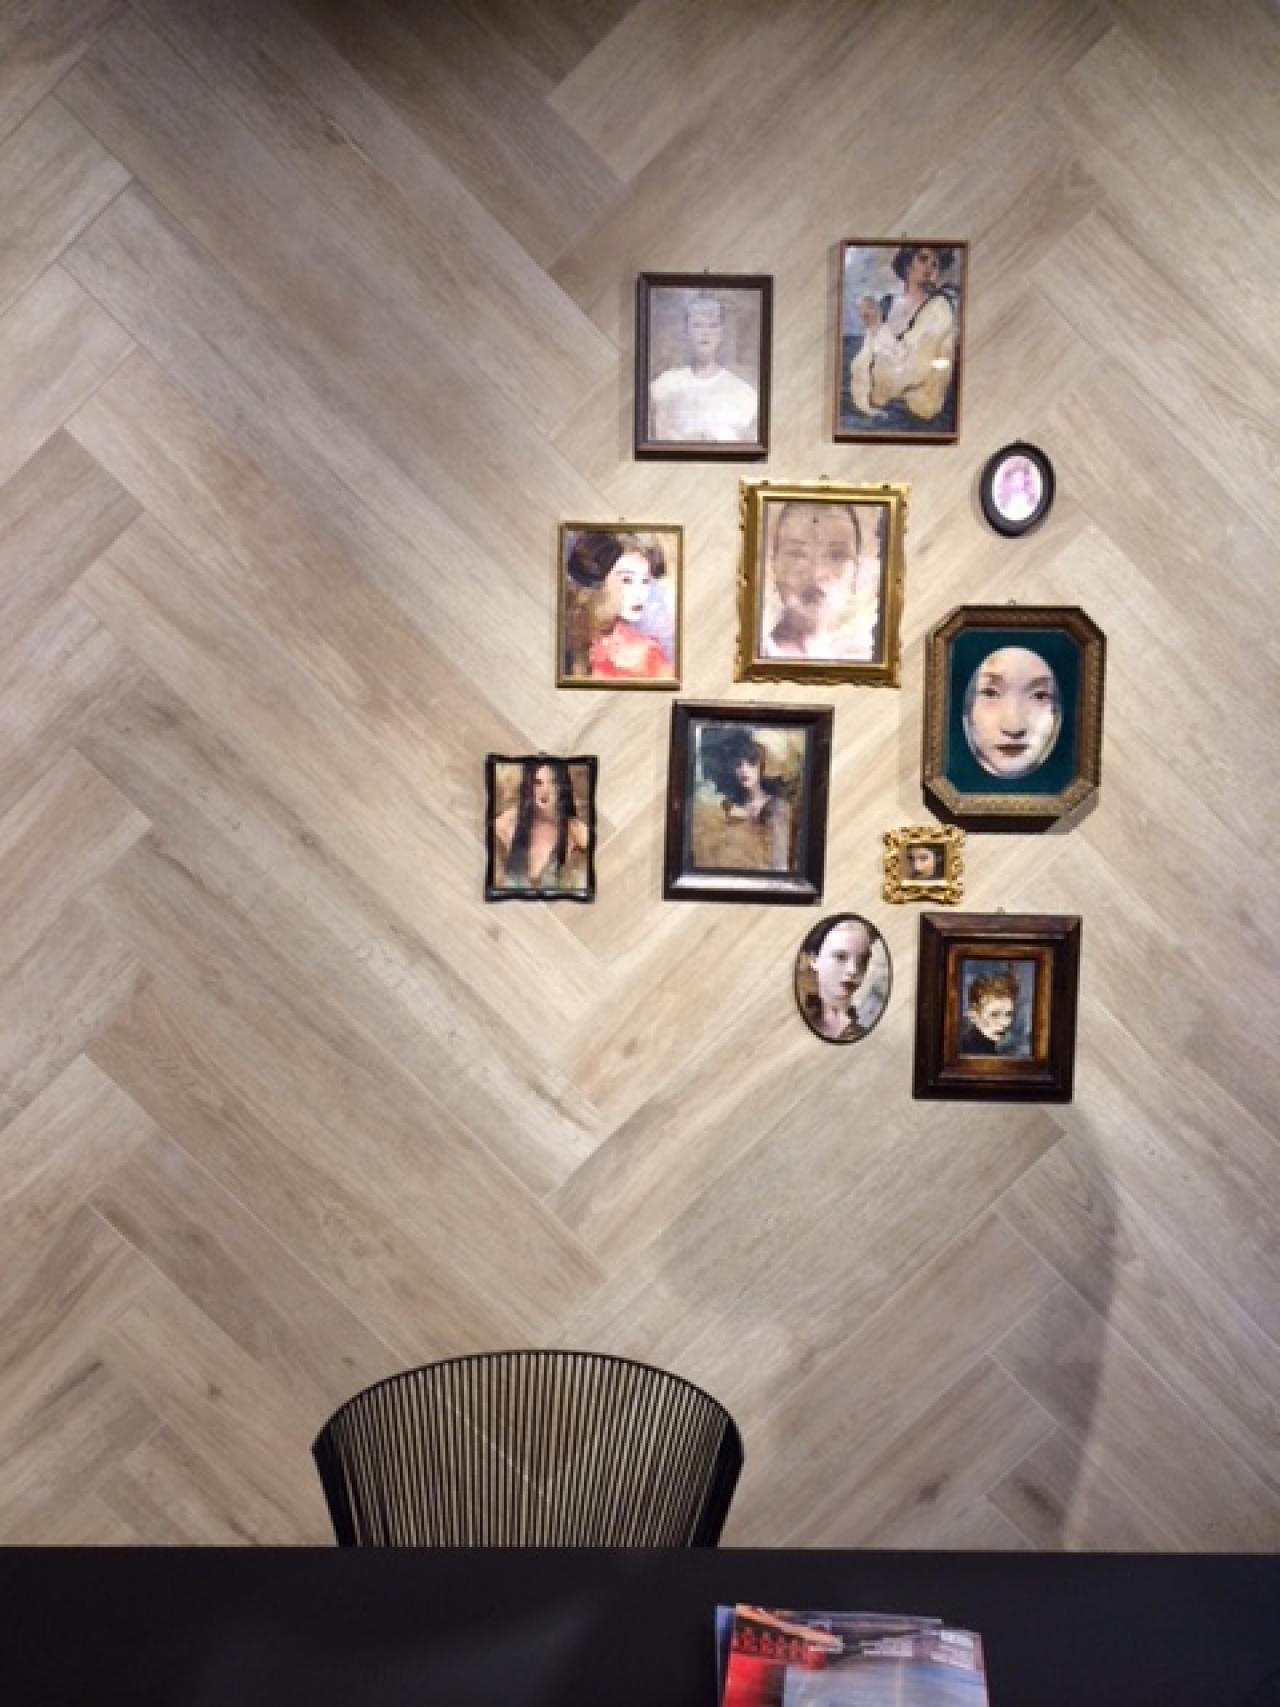 Gres effetto legno soggiorno with rivestire parete in legno - Rivestire parete in legno ...